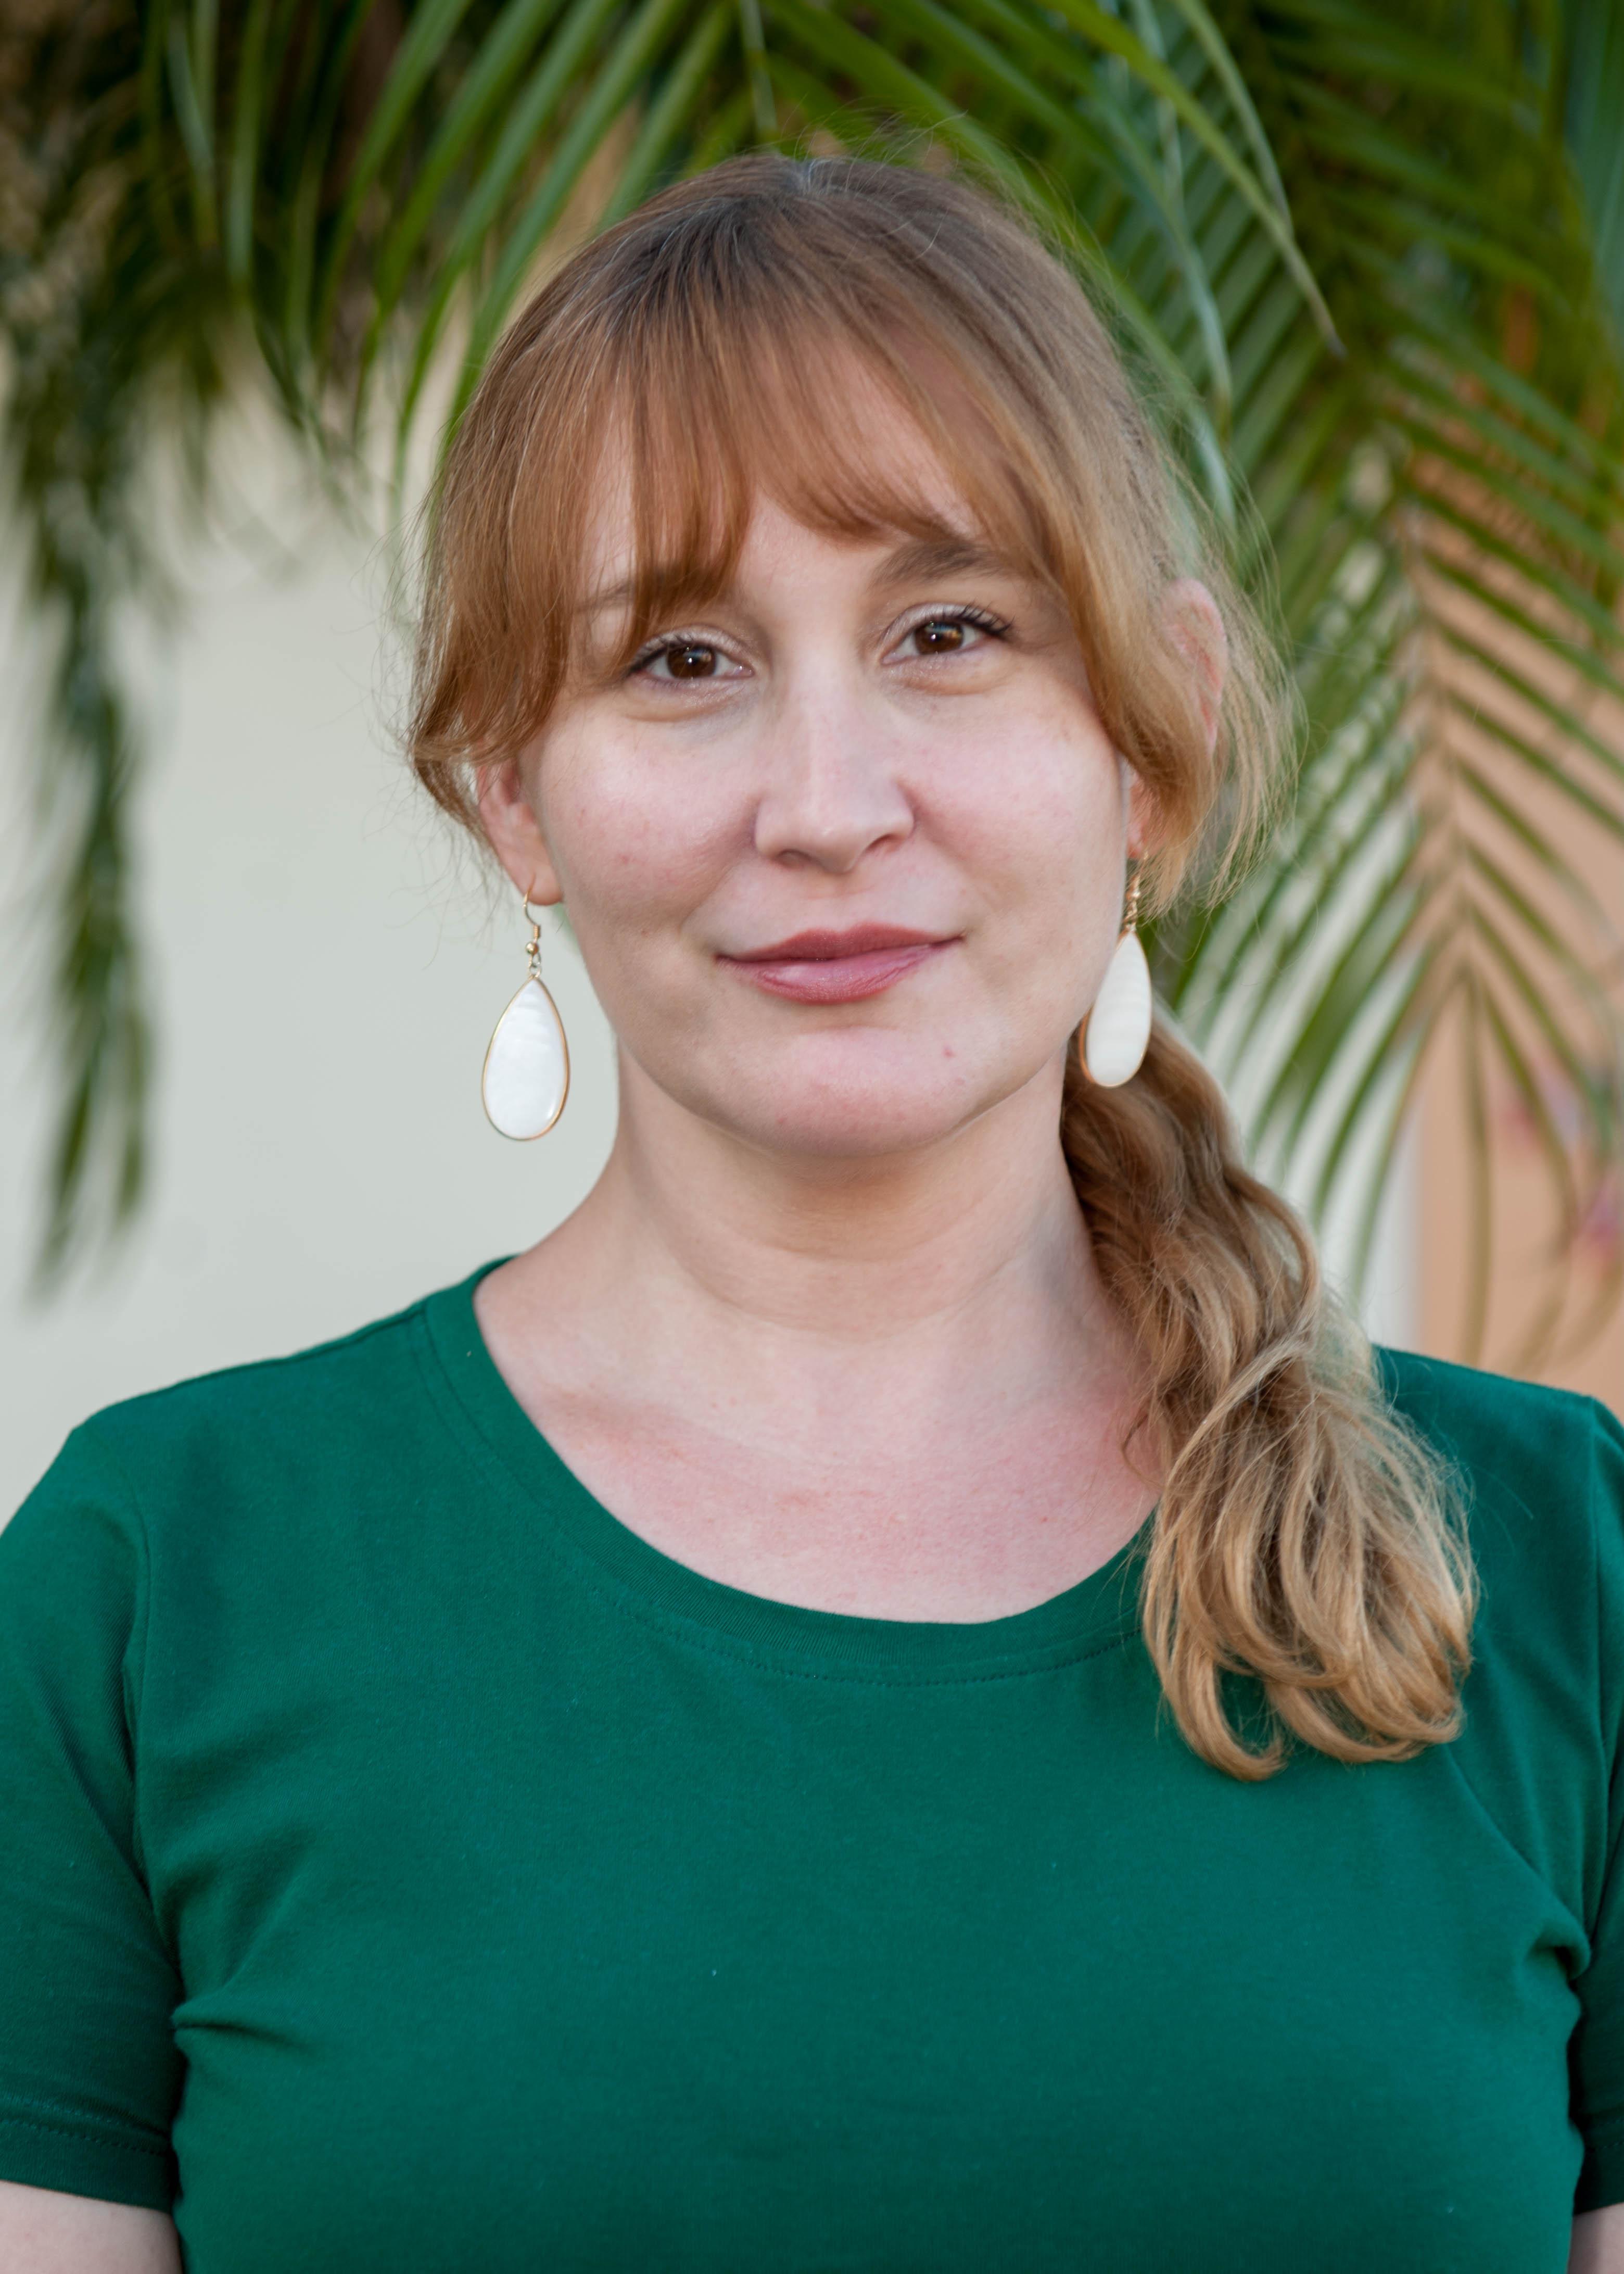 Allison Brice Grasso